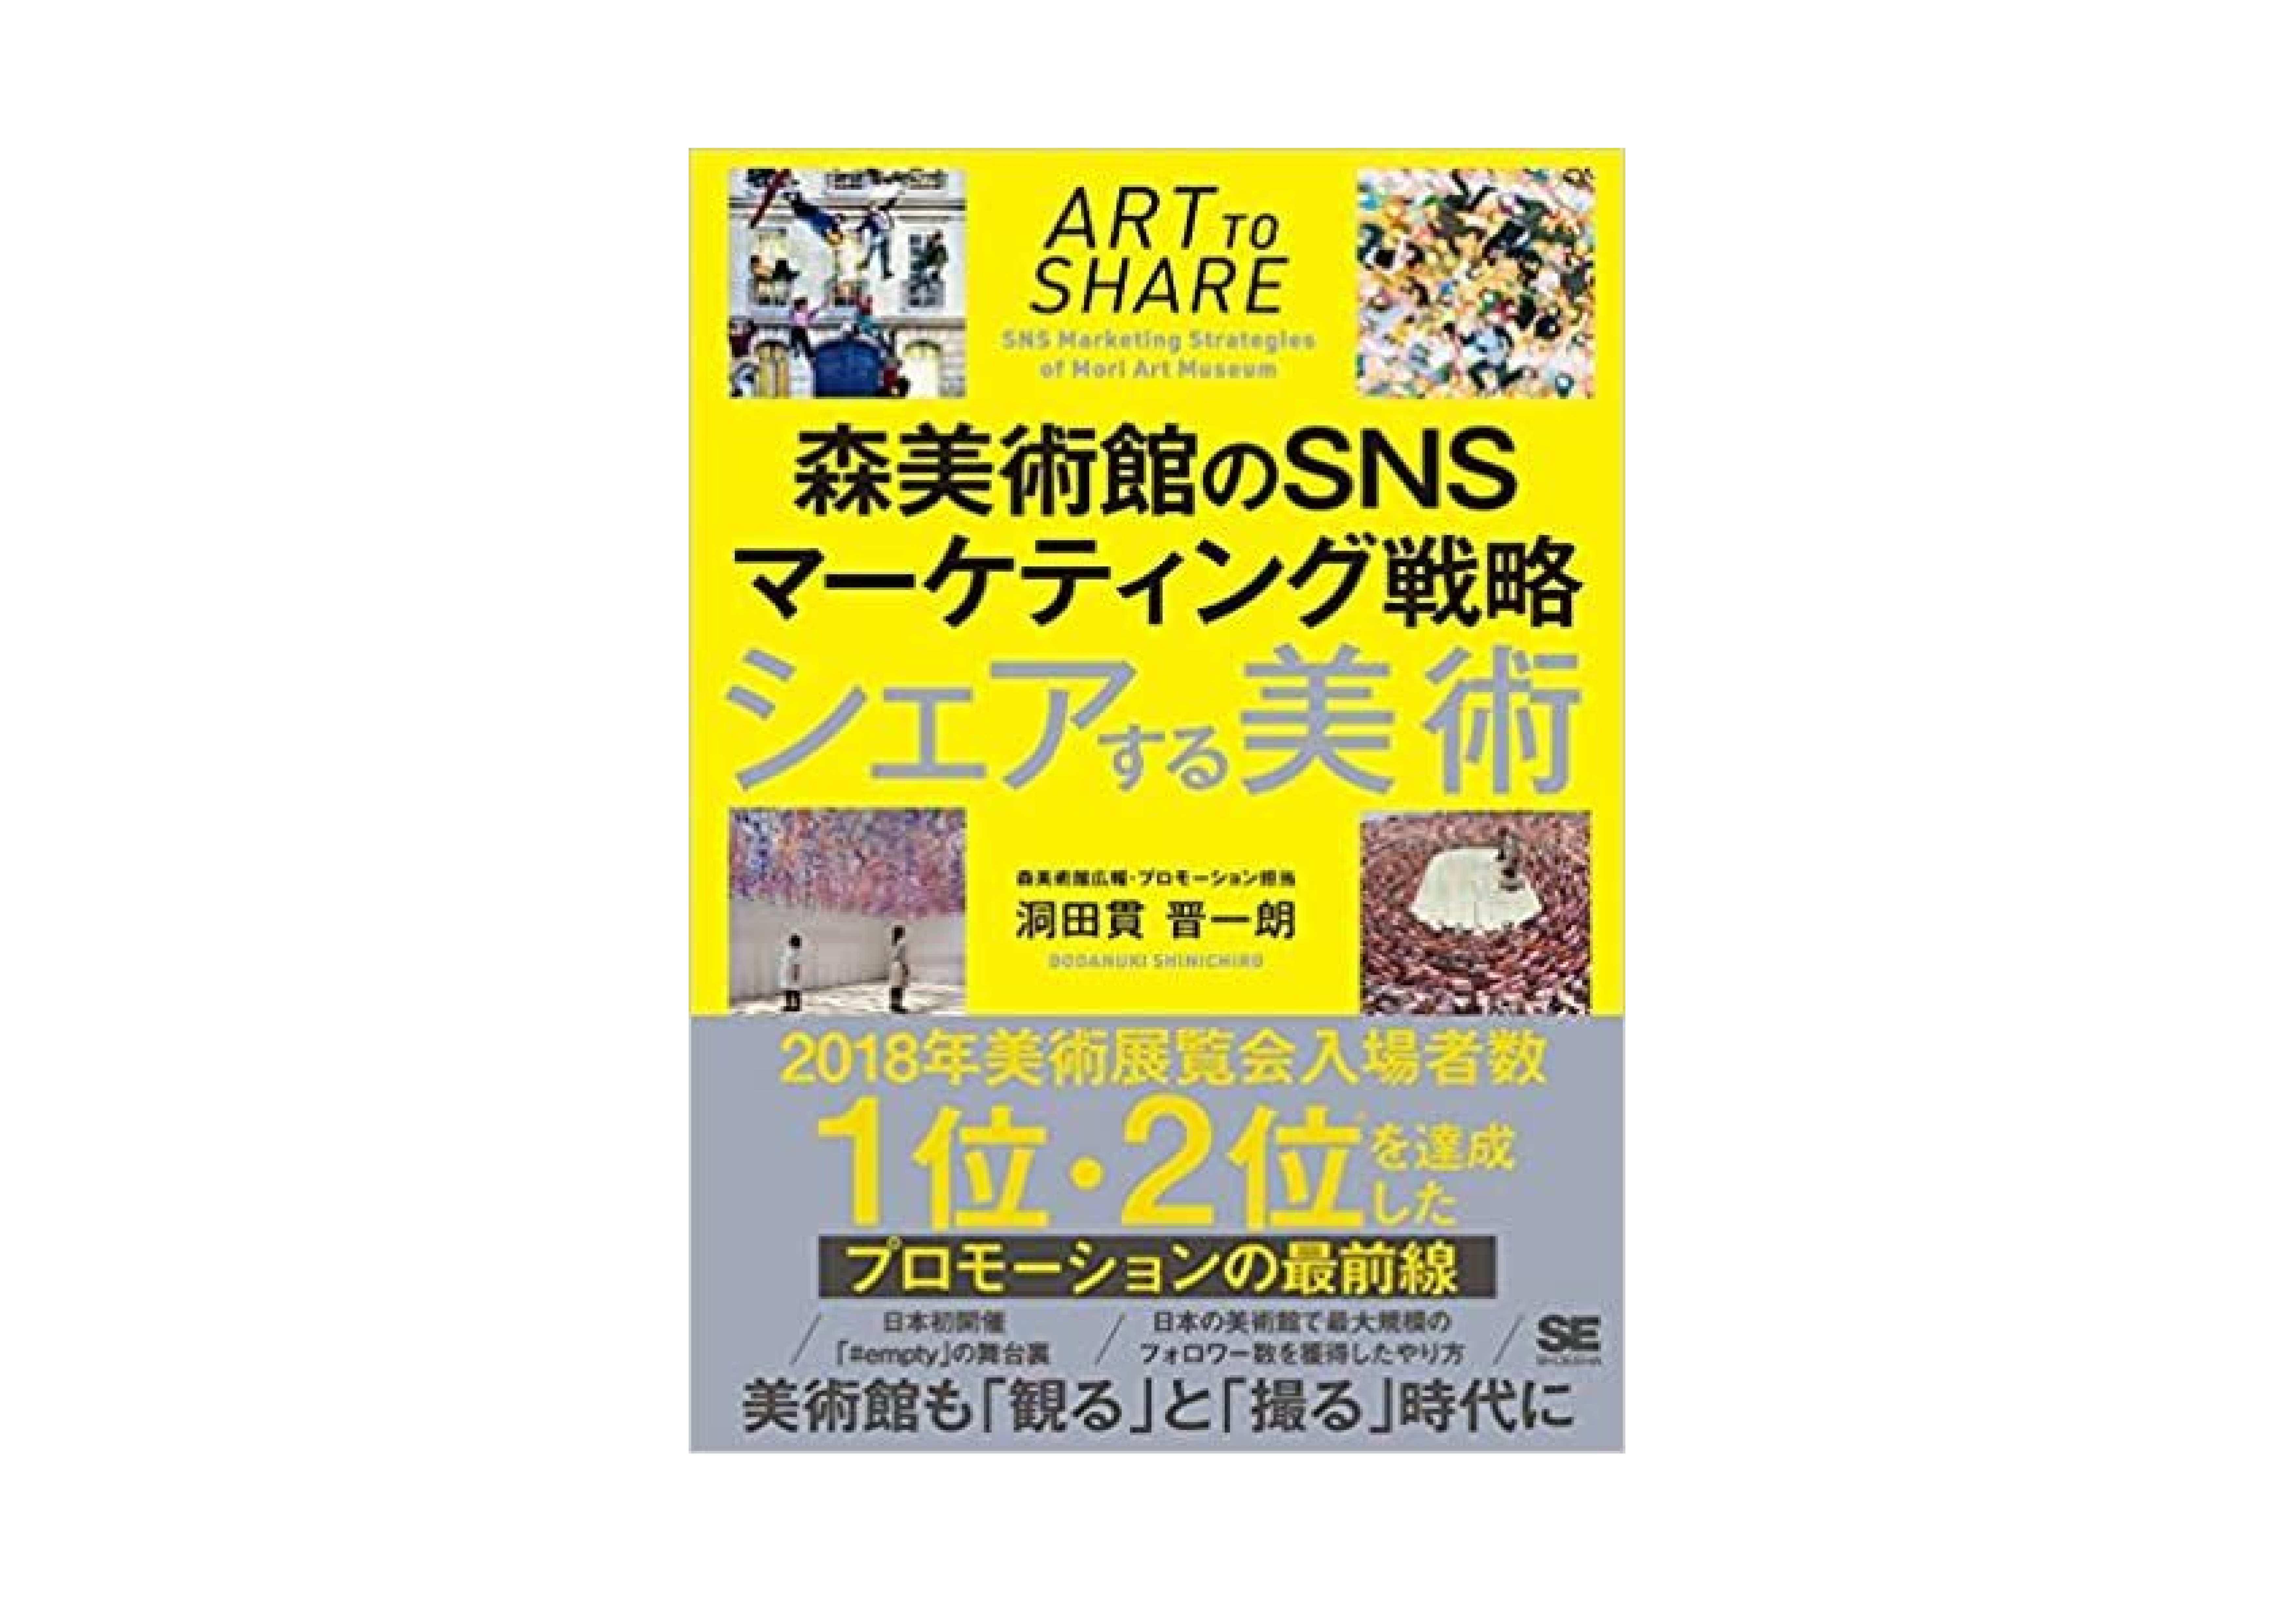 シェアする美術 森美術館のSNSマーケティング戦略